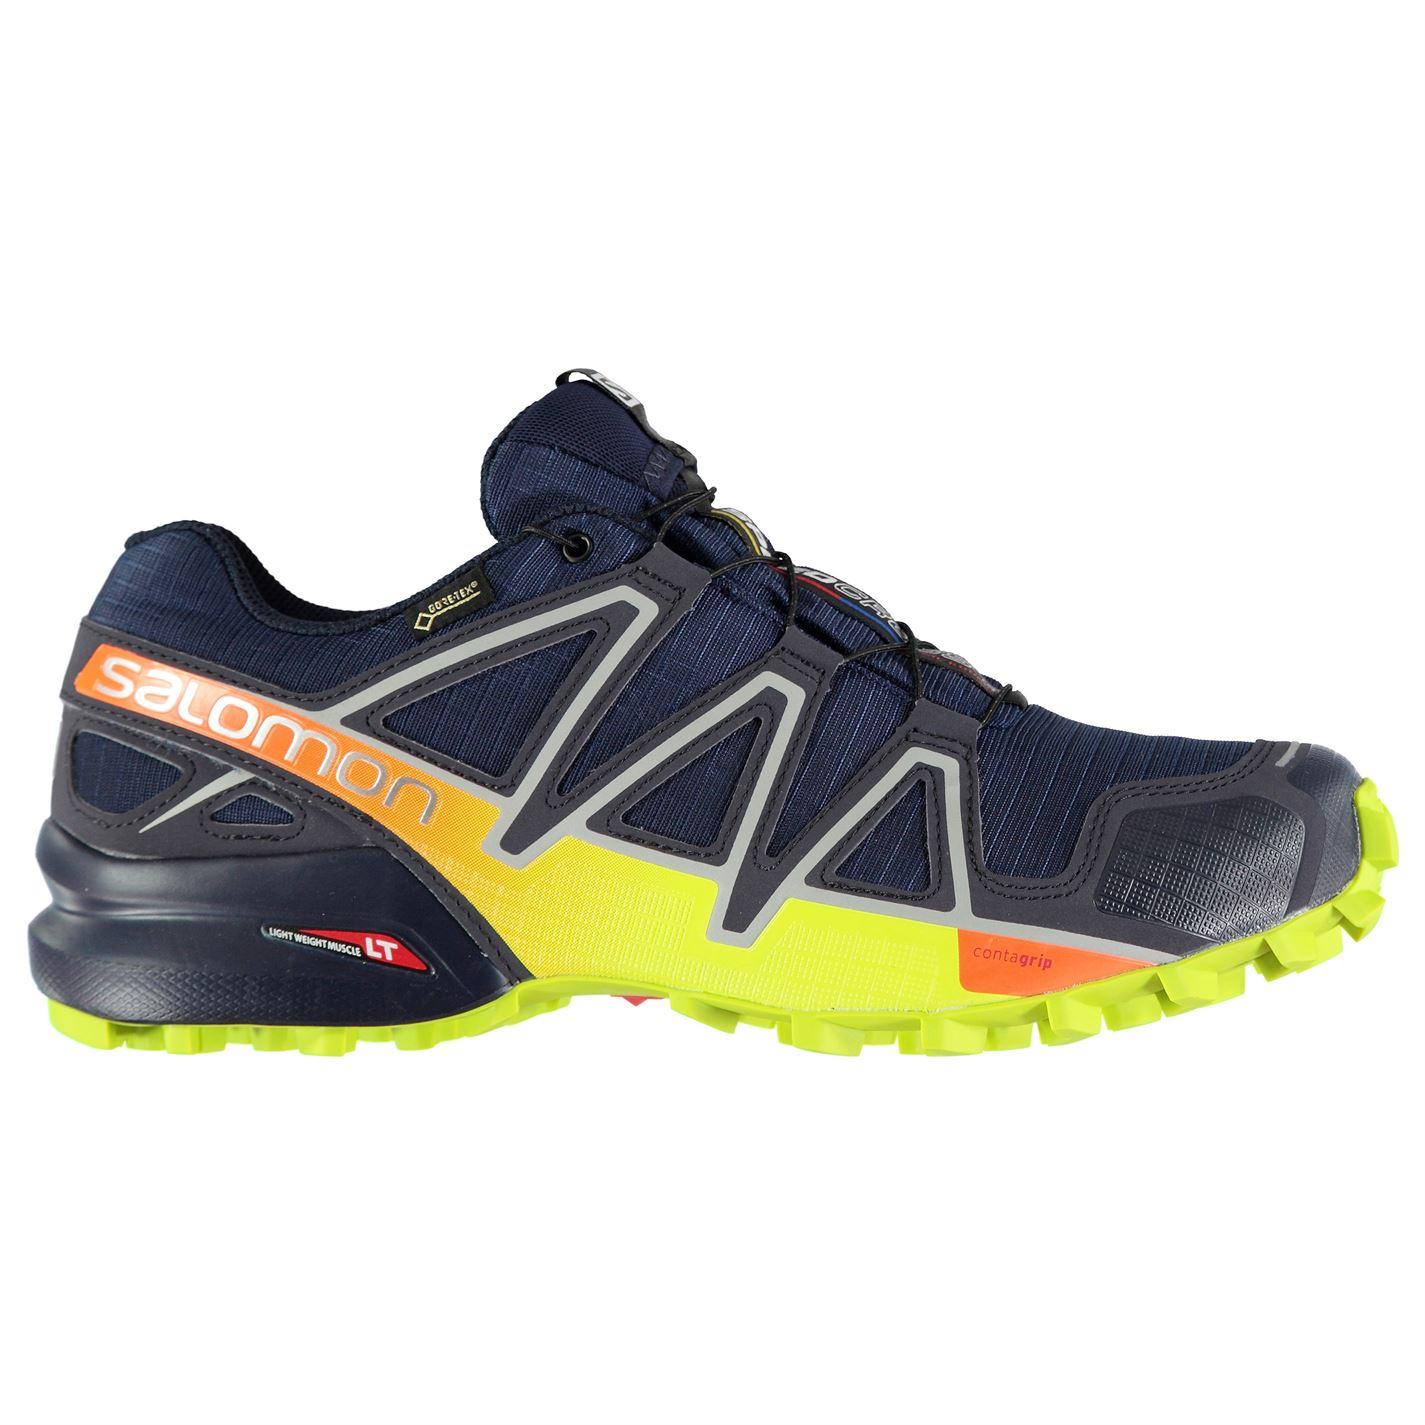 ... GTX Mens Trail Běžecké boty. Nové Salomon Speedcross ... 7299266c23